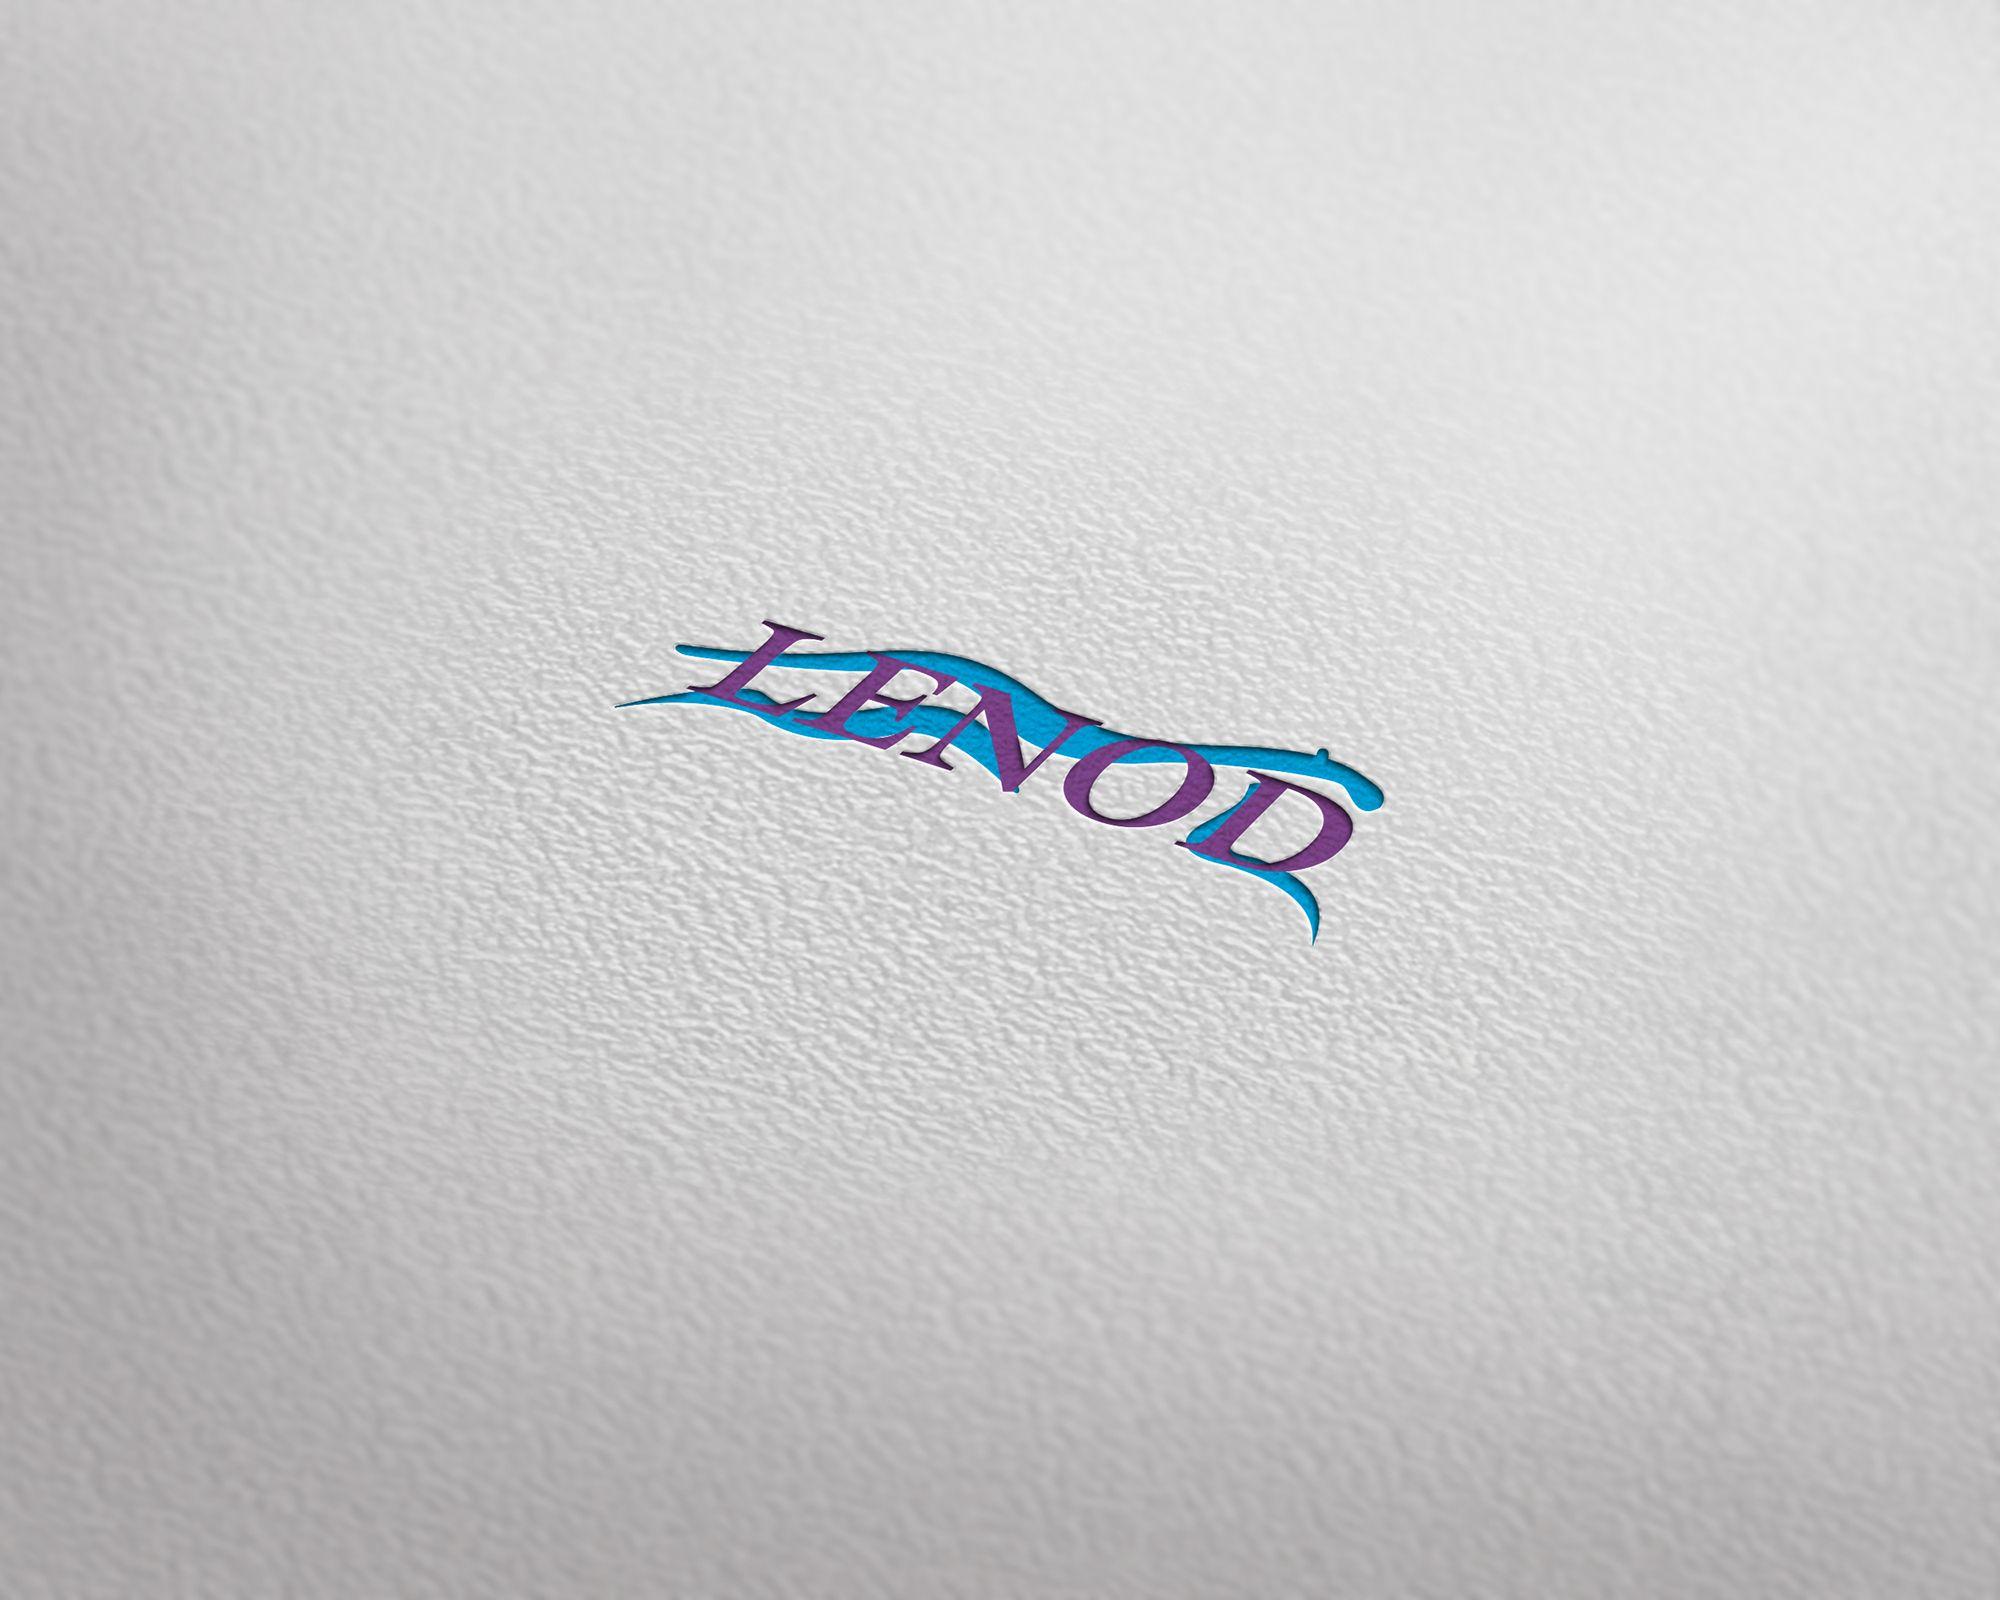 Доработка логотипа Курьерской службы - дизайнер trocky18